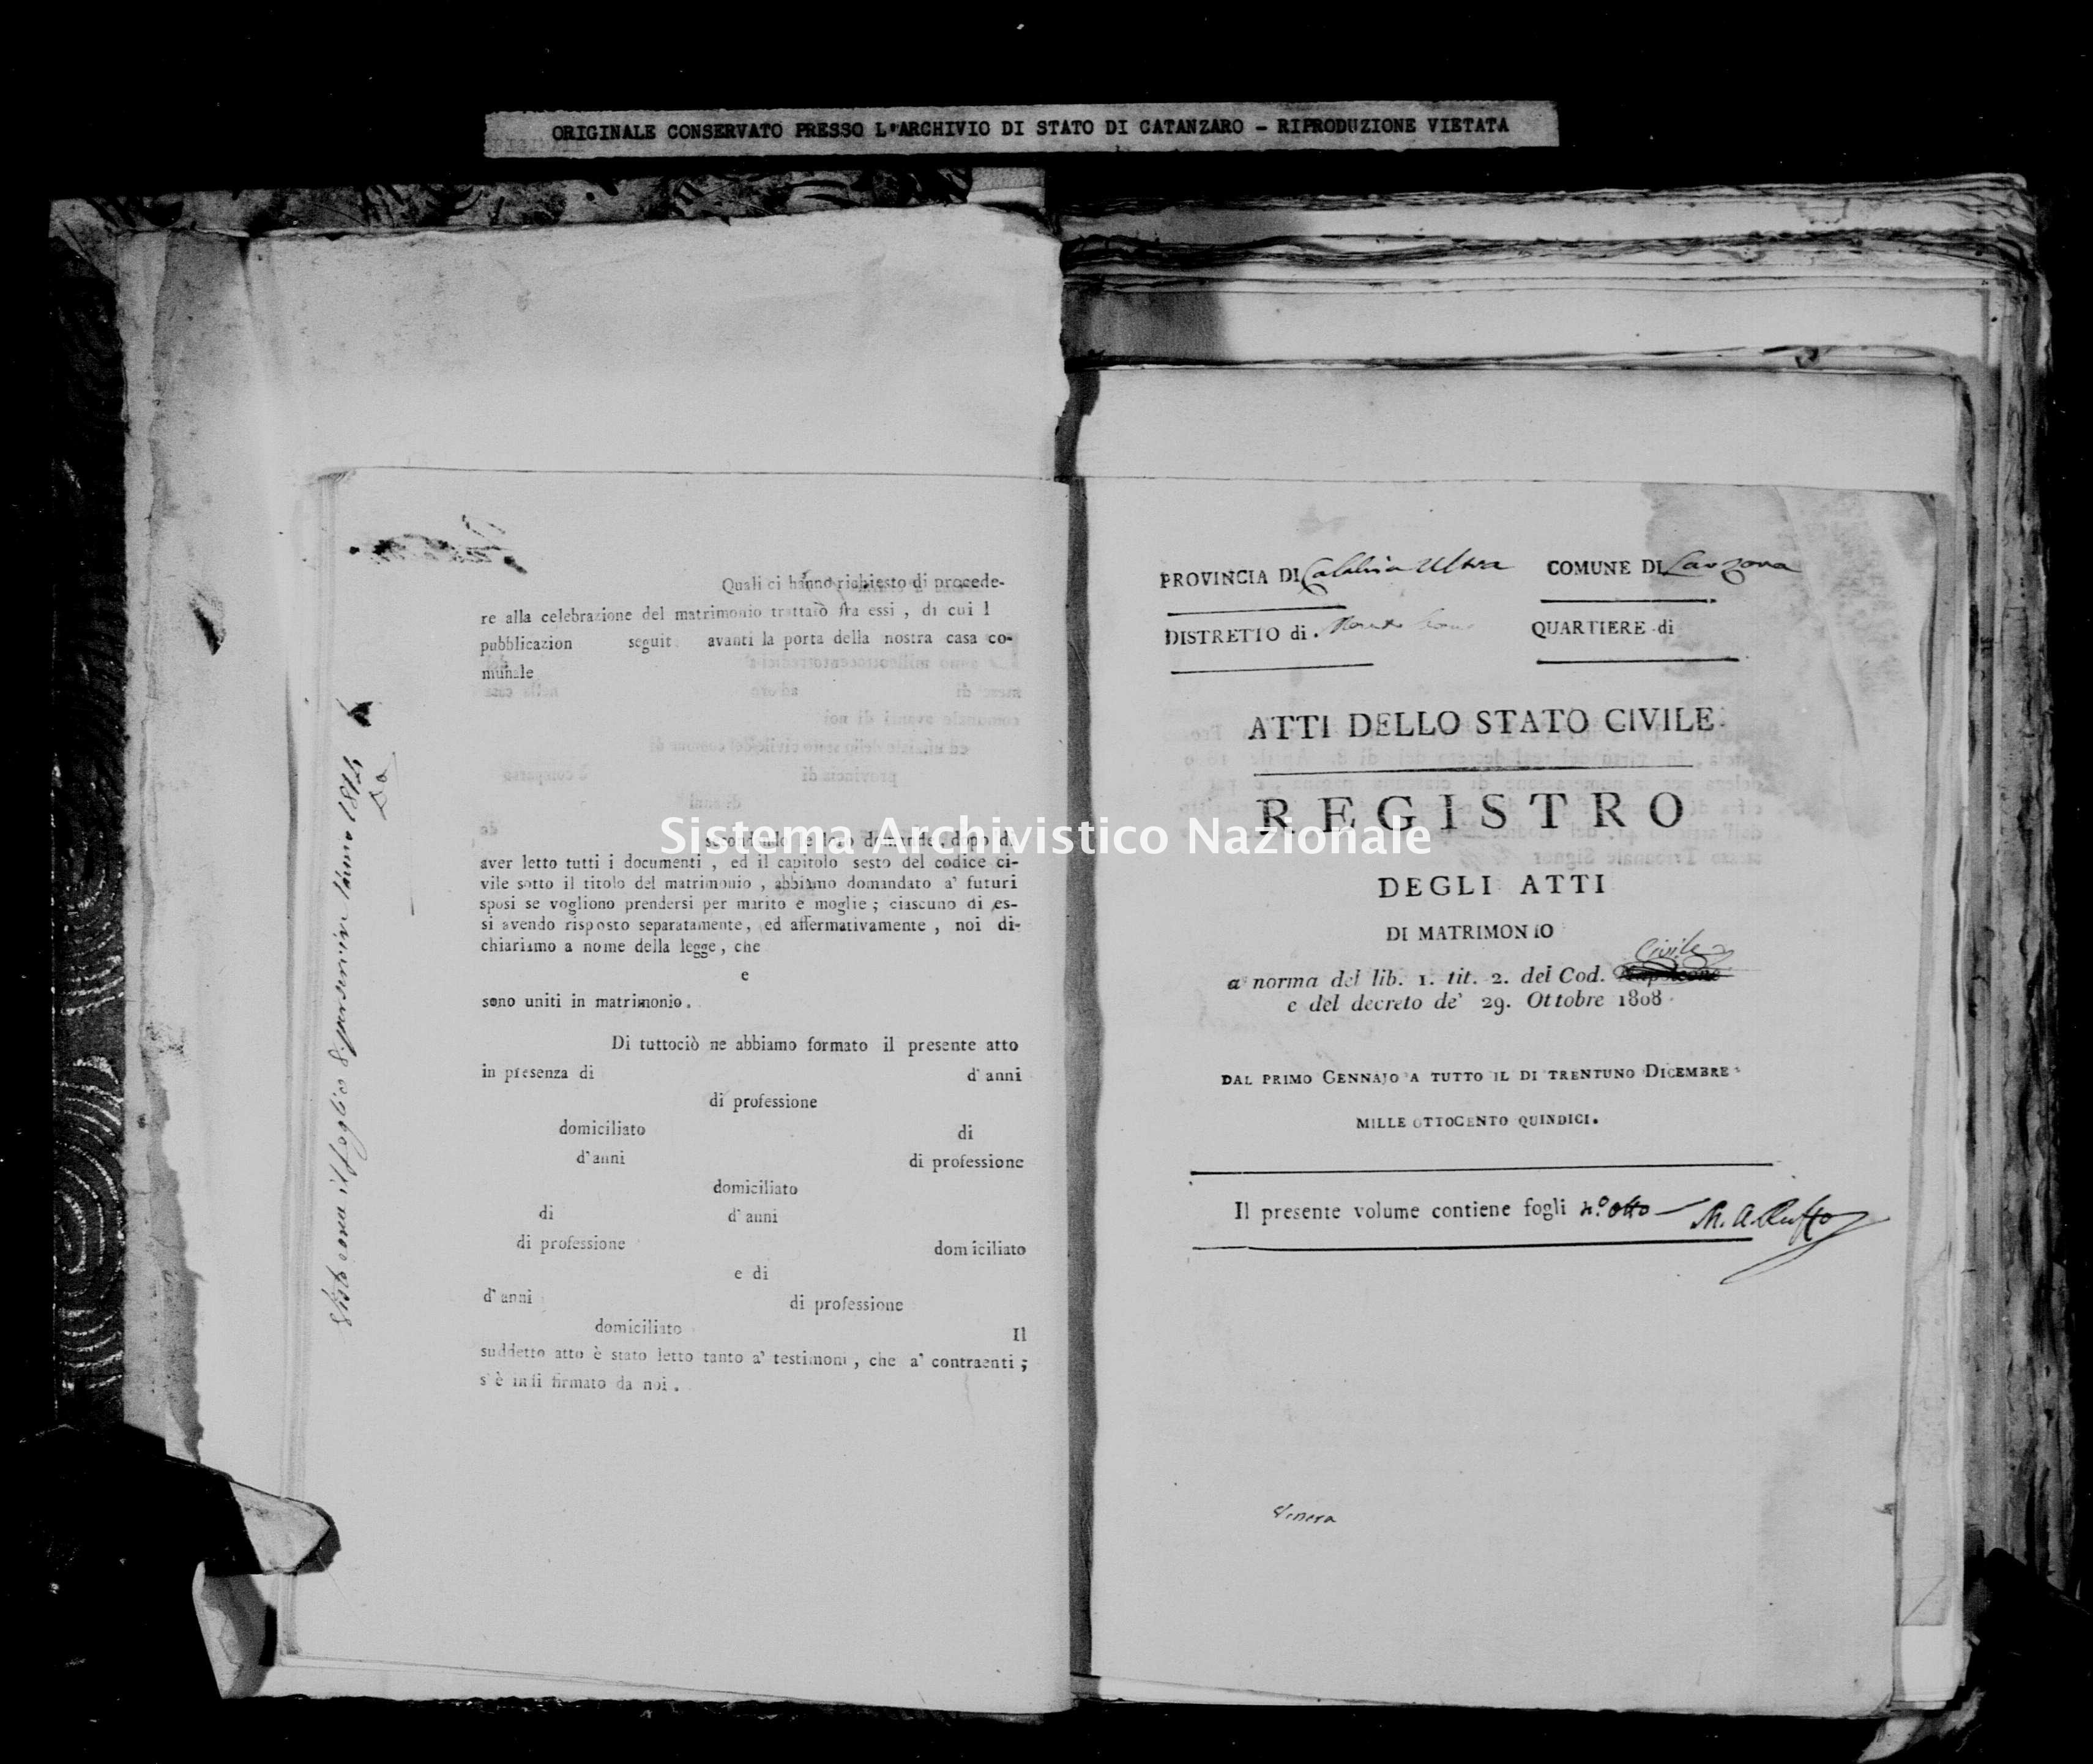 Archivio di stato di Catanzaro - Stato civile napoleonico - Arzona - Matrimoni - 1815 -